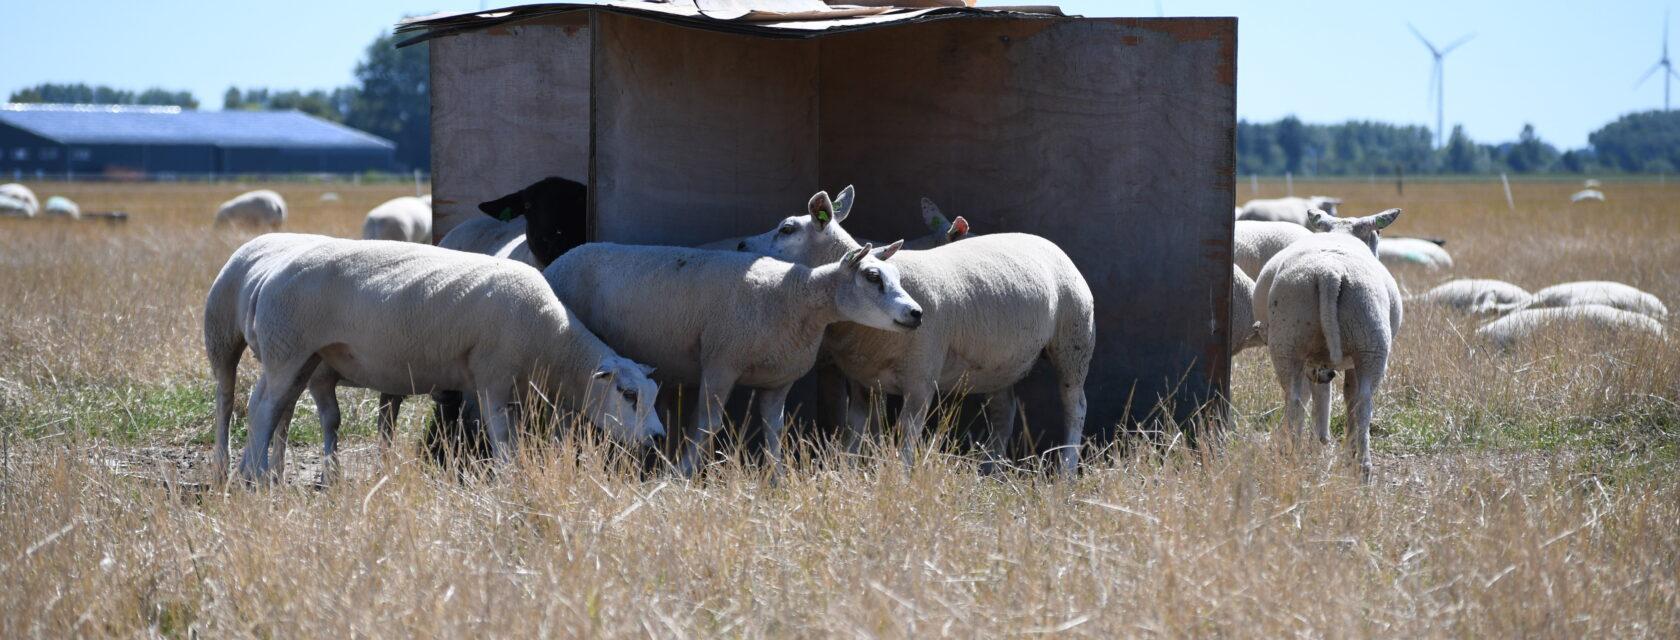 schapen hitteleed homepage